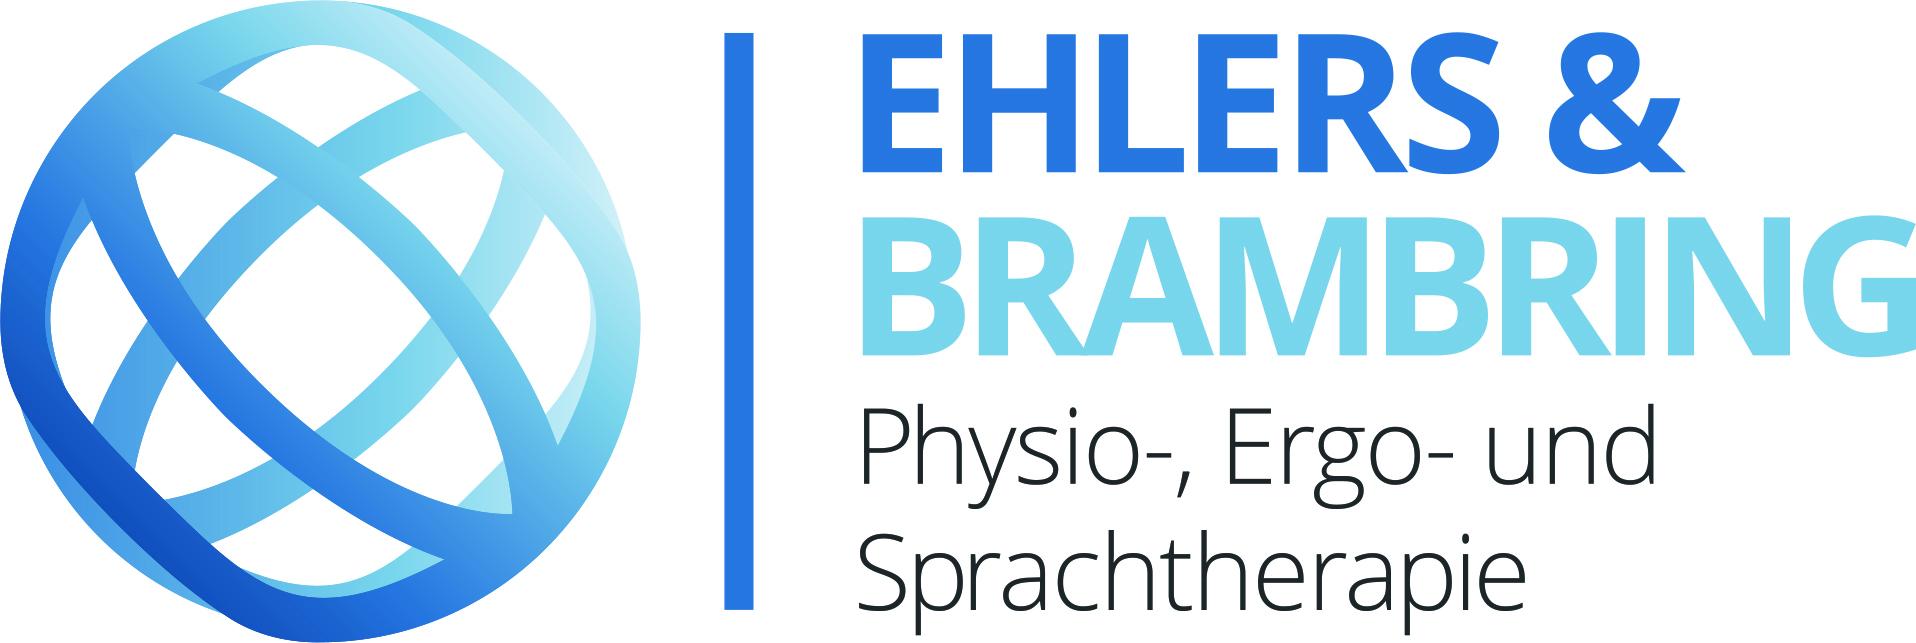 EB_Praxis_Logo